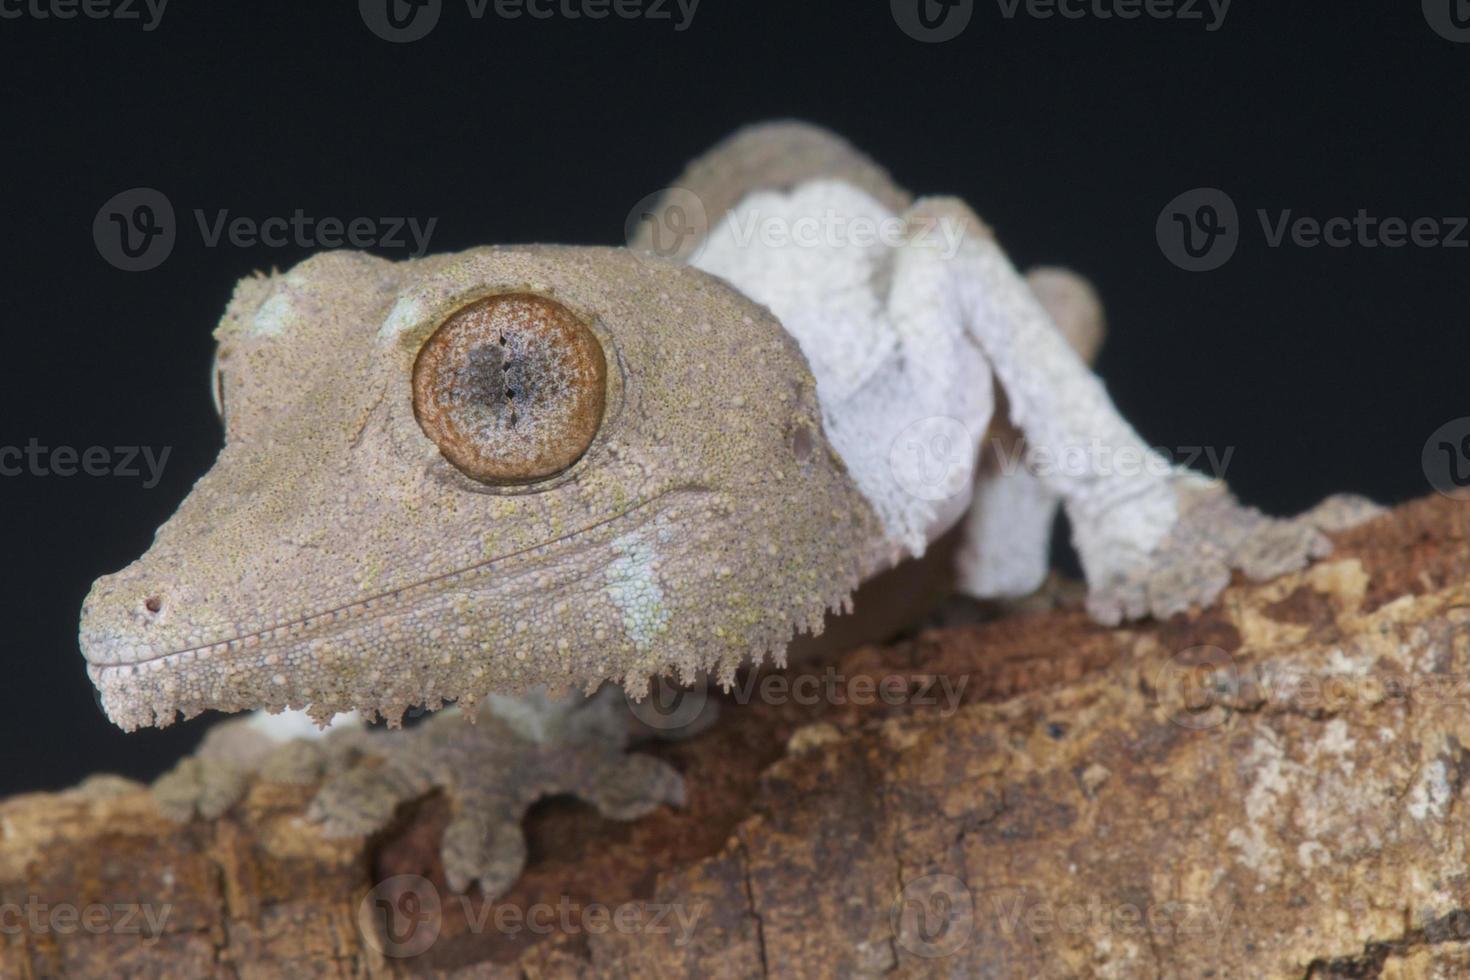 lagartixa-de-cauda-folha / uroplatus henkeli foto